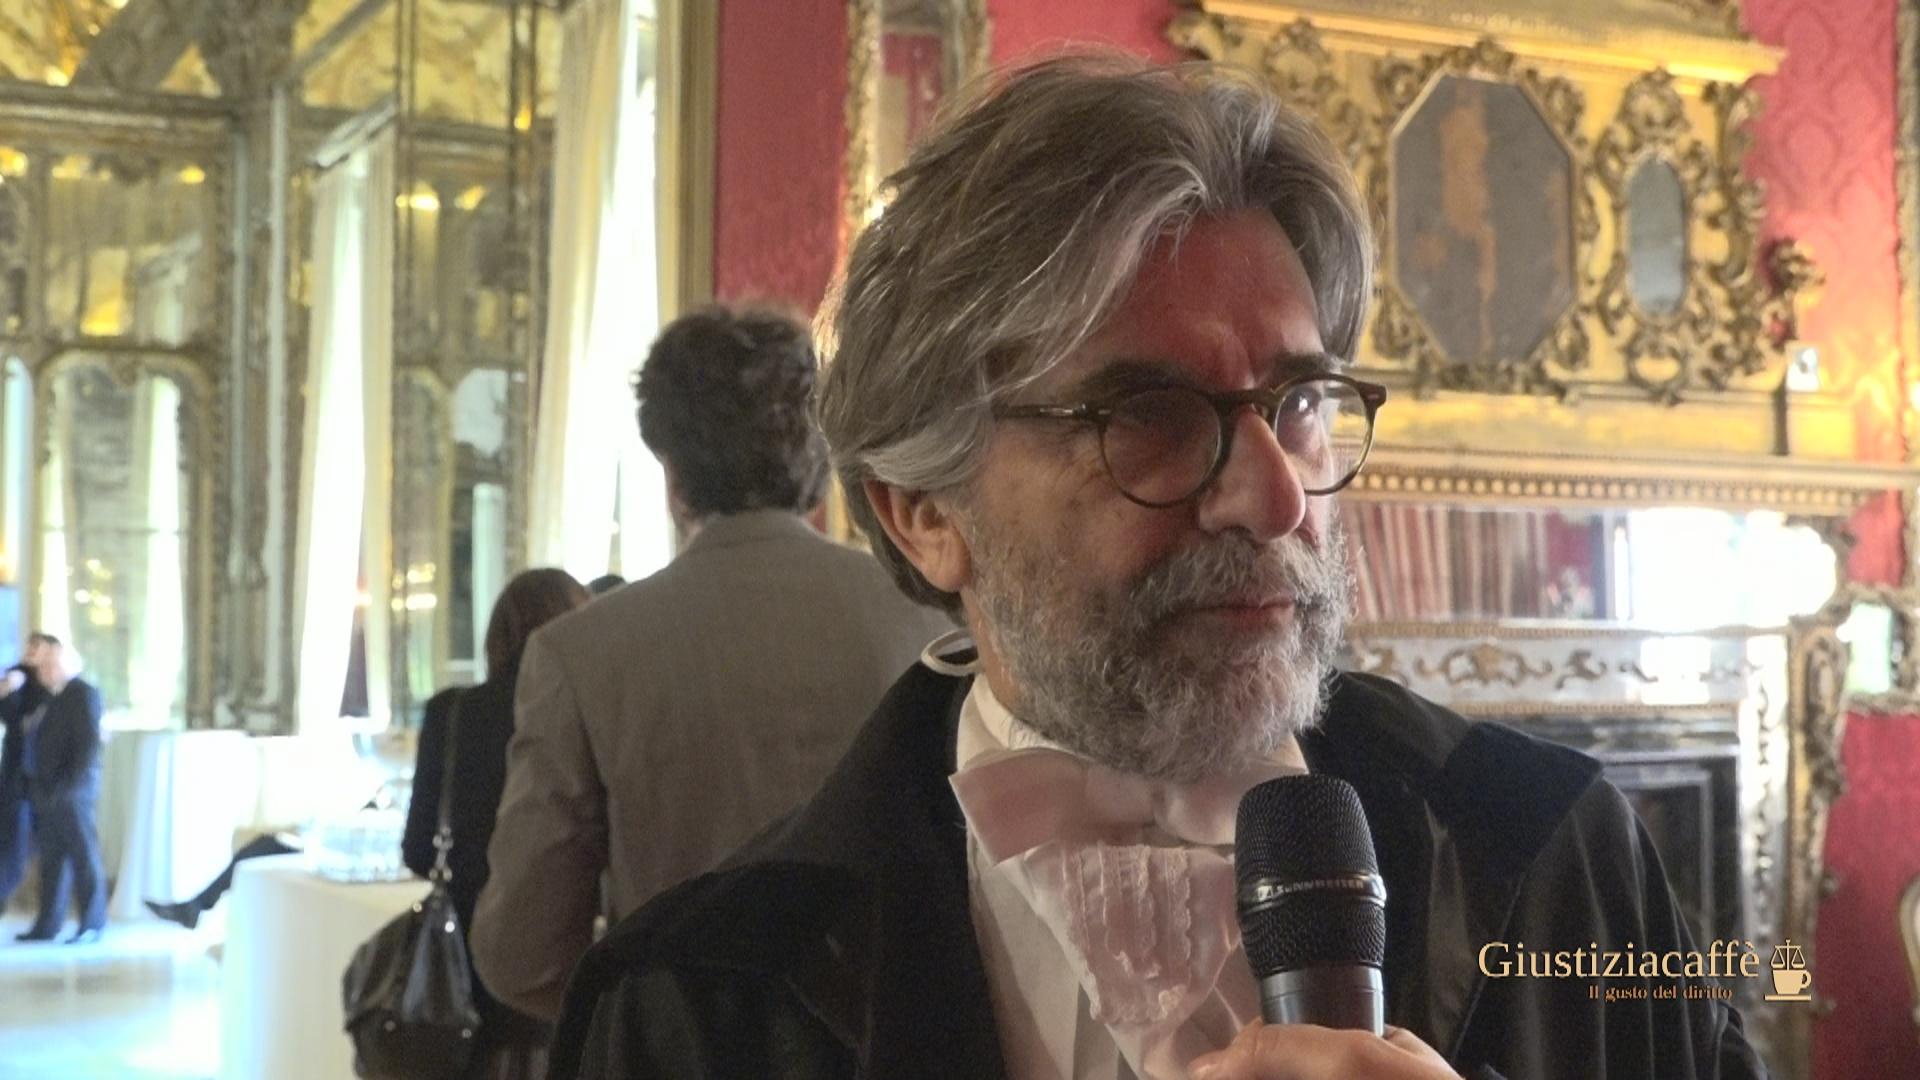 """INAUGURAZIONE ANNO GIUDIZIARIO CNF ALDO BOTTINI, PRES. AGI: """"RIBADITA lA CENTRALITA' DELL'AVVOCATURA NELLA GIURISDIZIONE"""""""